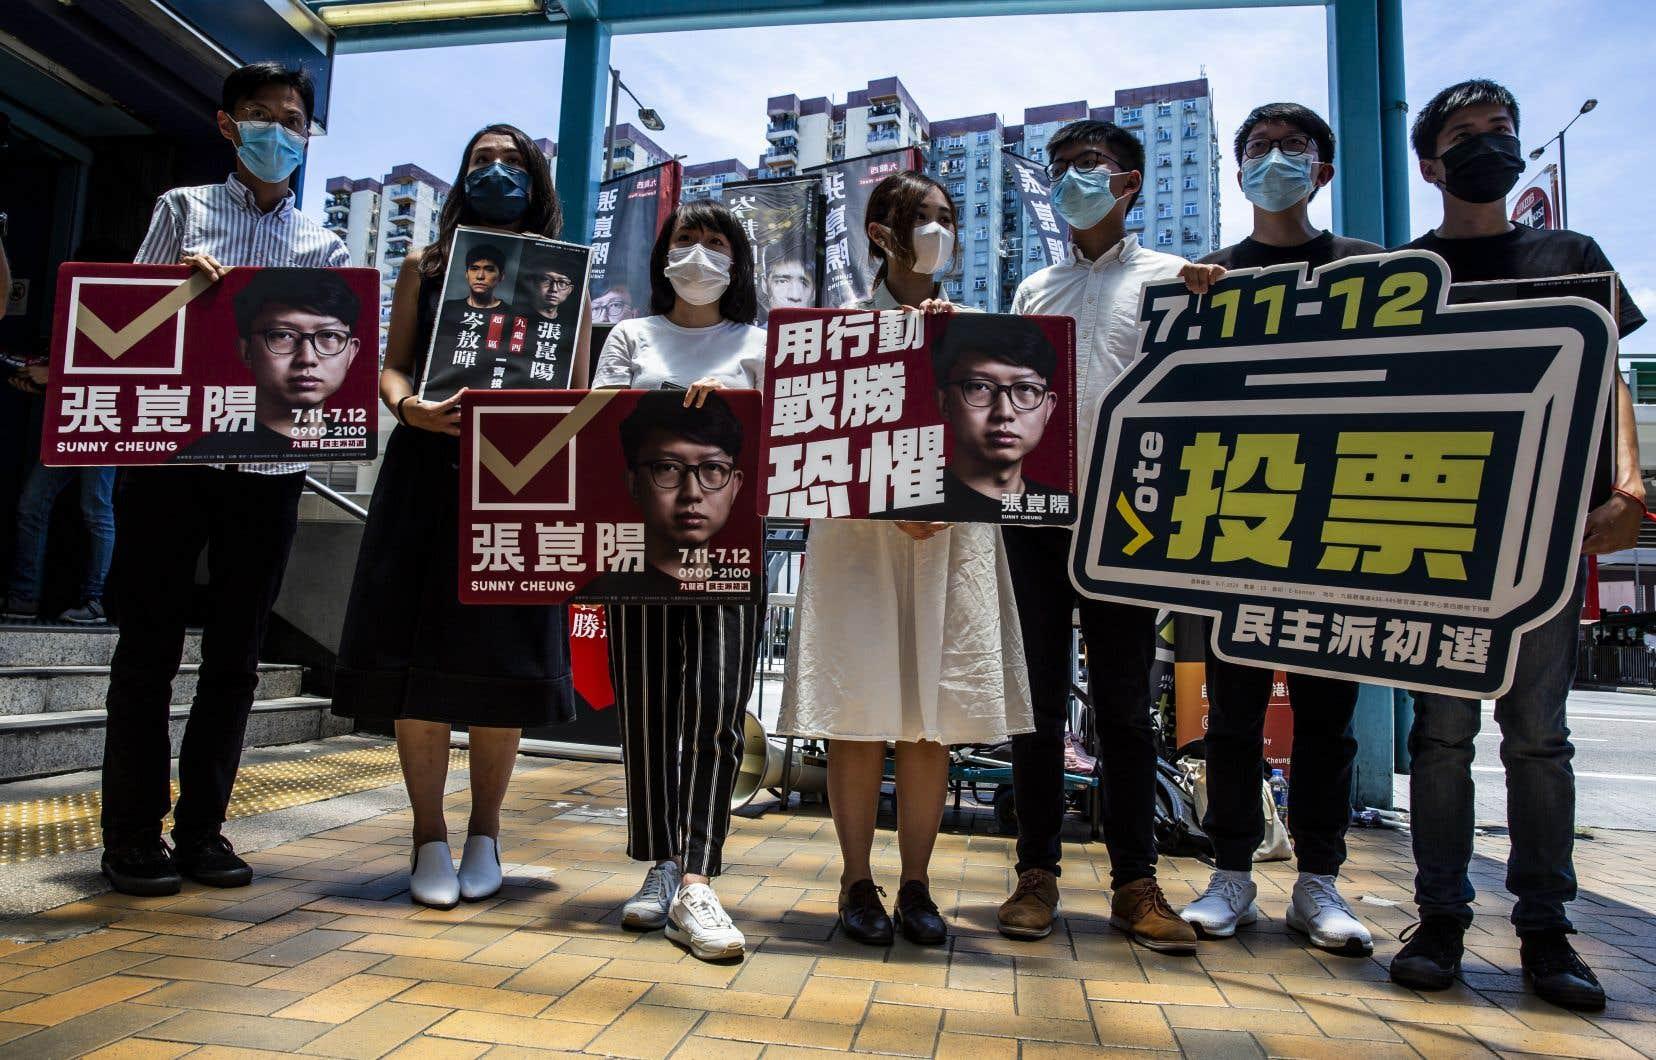 Des candidats pro-démocratie ont été disqualifiés des élections législatives de Hong Kong.